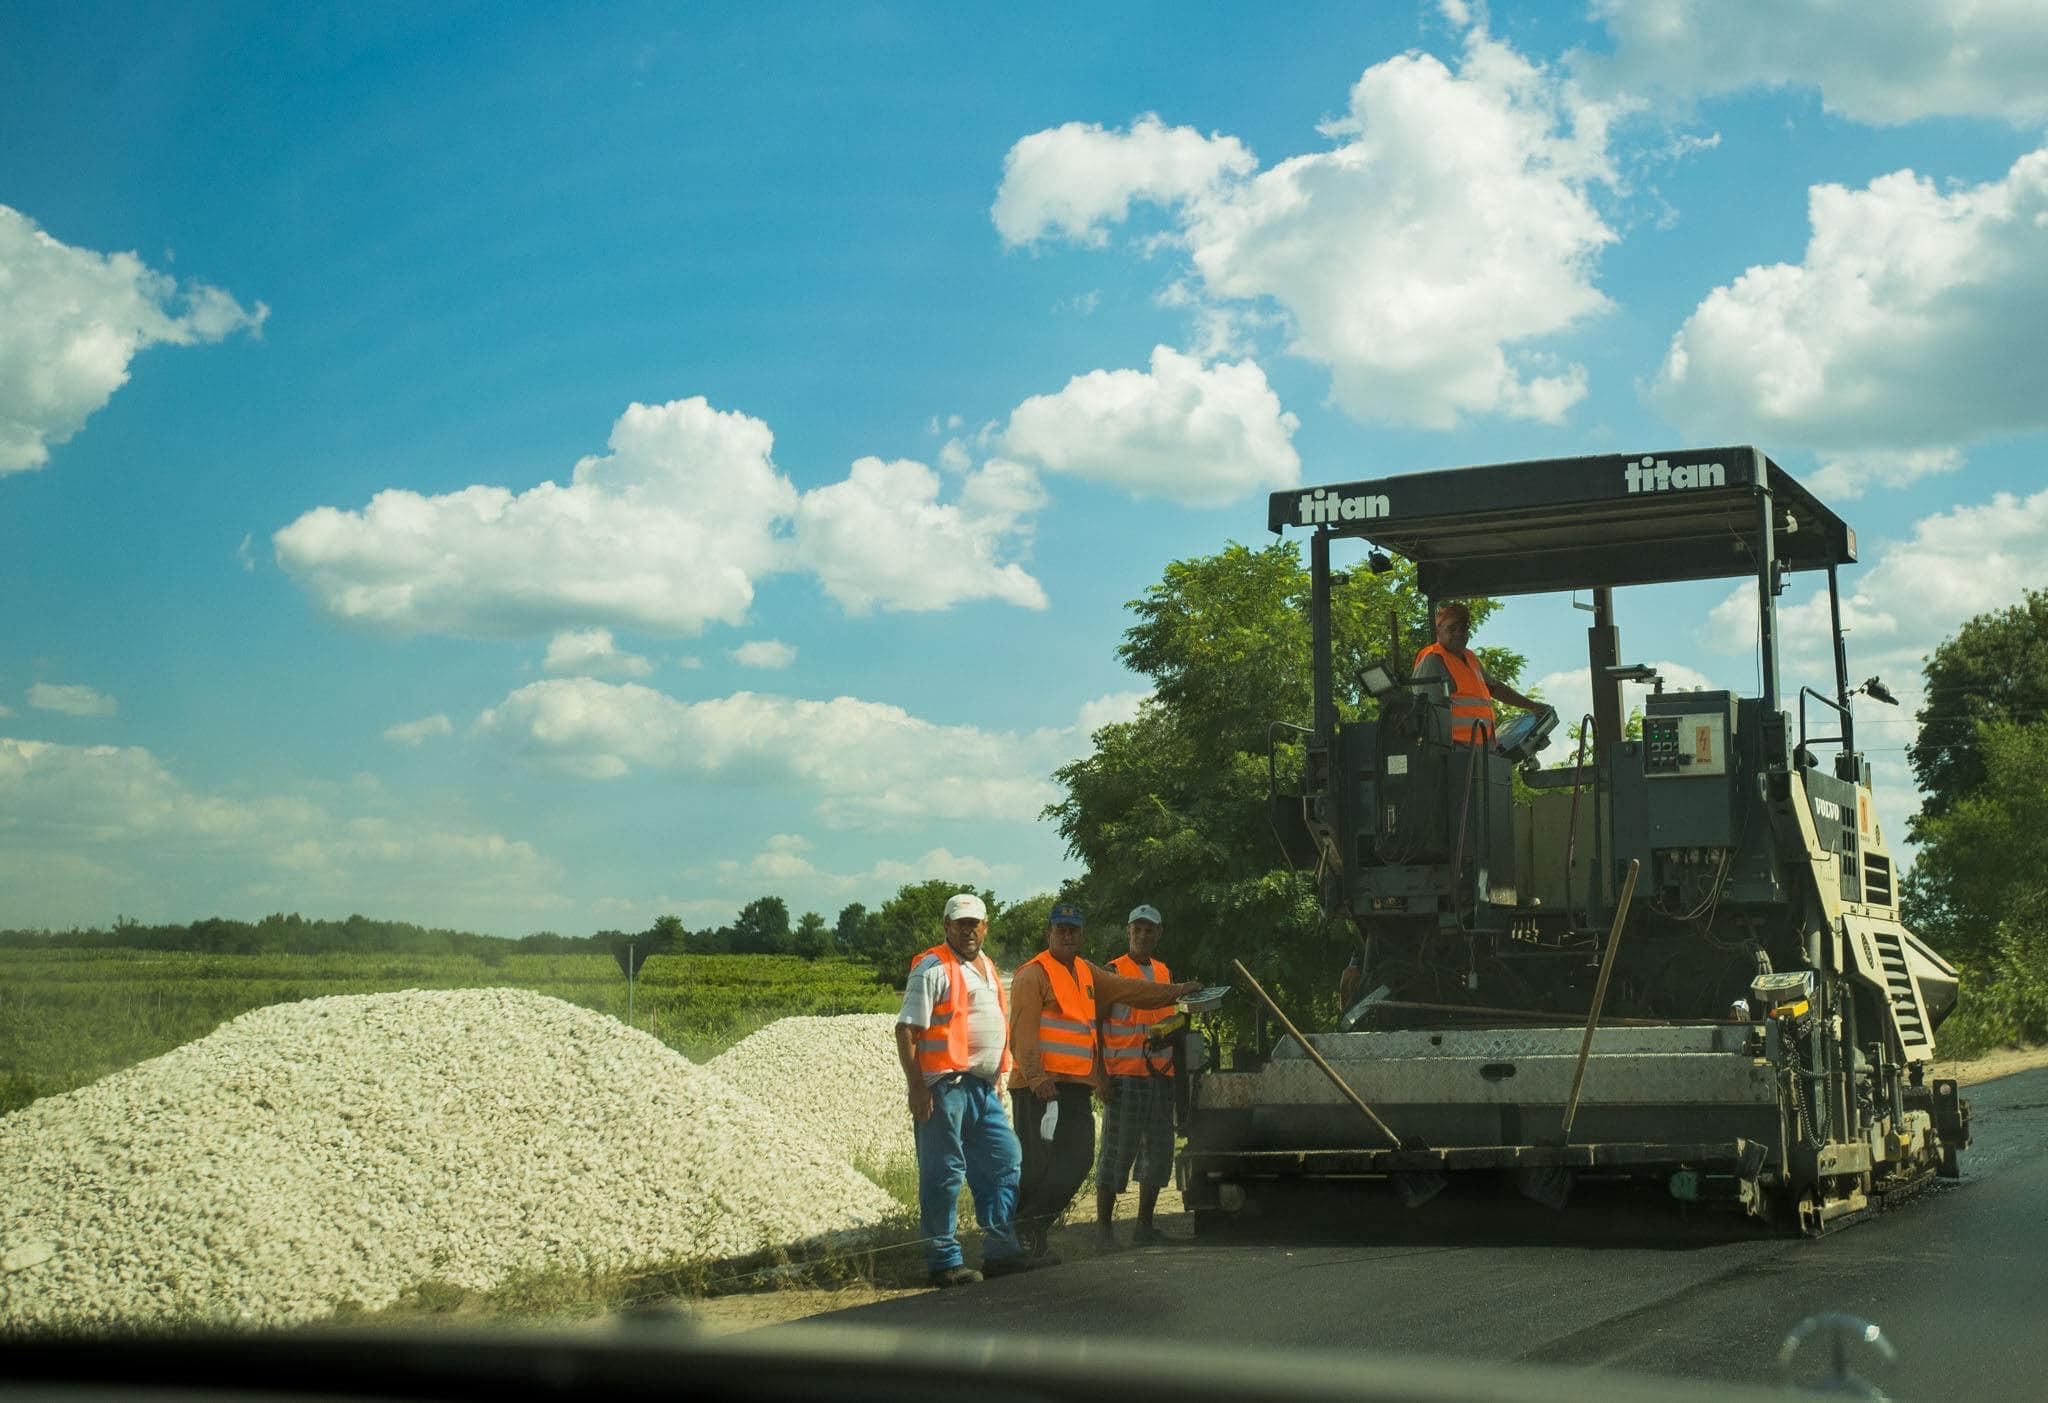 Додон: Ремонт важнейших дорог Молдовы будет осуществлен в полном объеме (ФОТО, ВИДЕО)